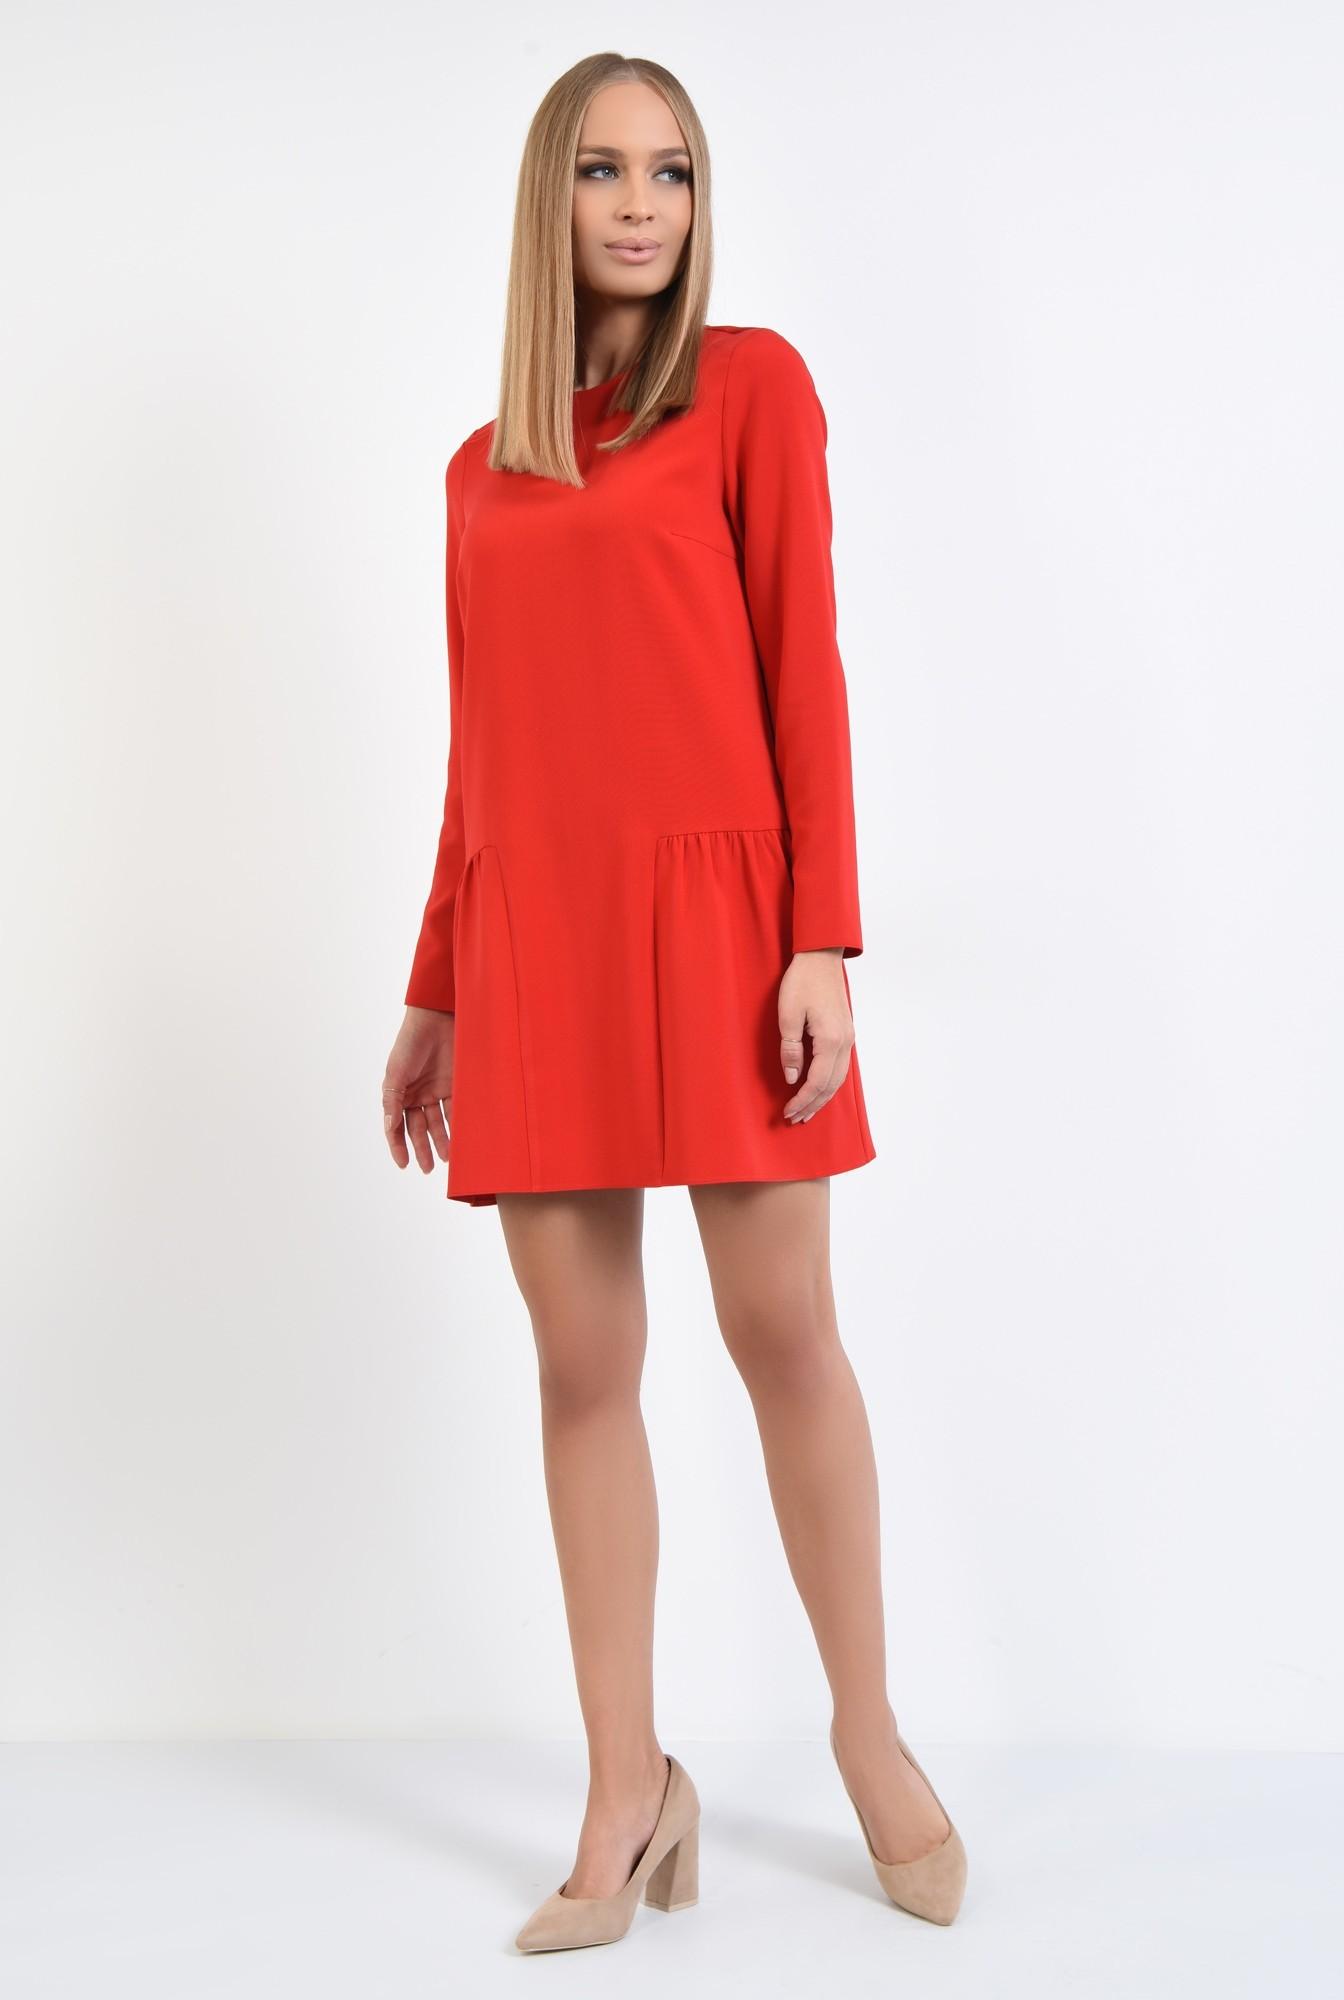 3 - rochie casual, mini, rosu, maneci lungi, decolteu rotund, pliuri